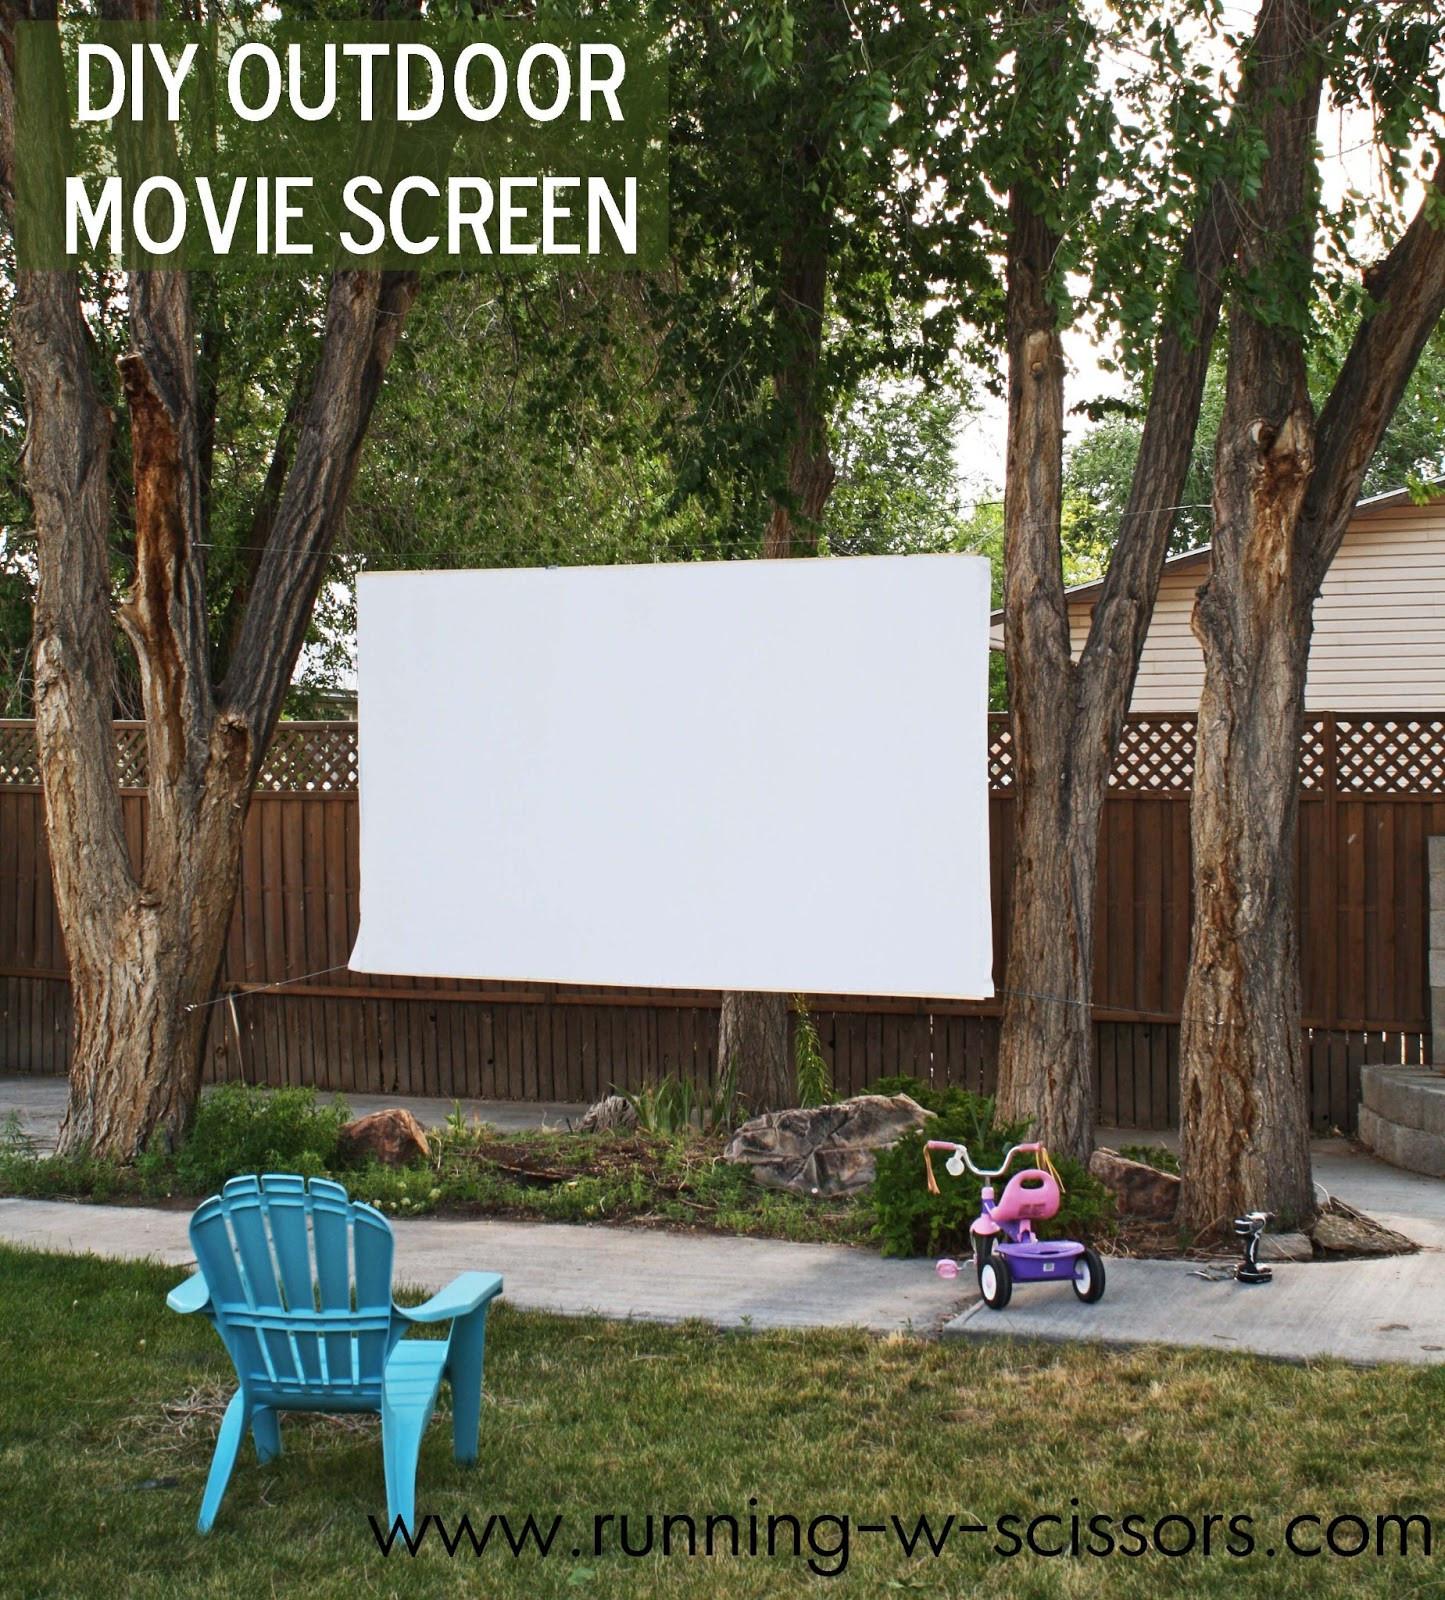 Outdoor Movie Screen DIY  Running With Scissors DIY Outdoor Movie Screen